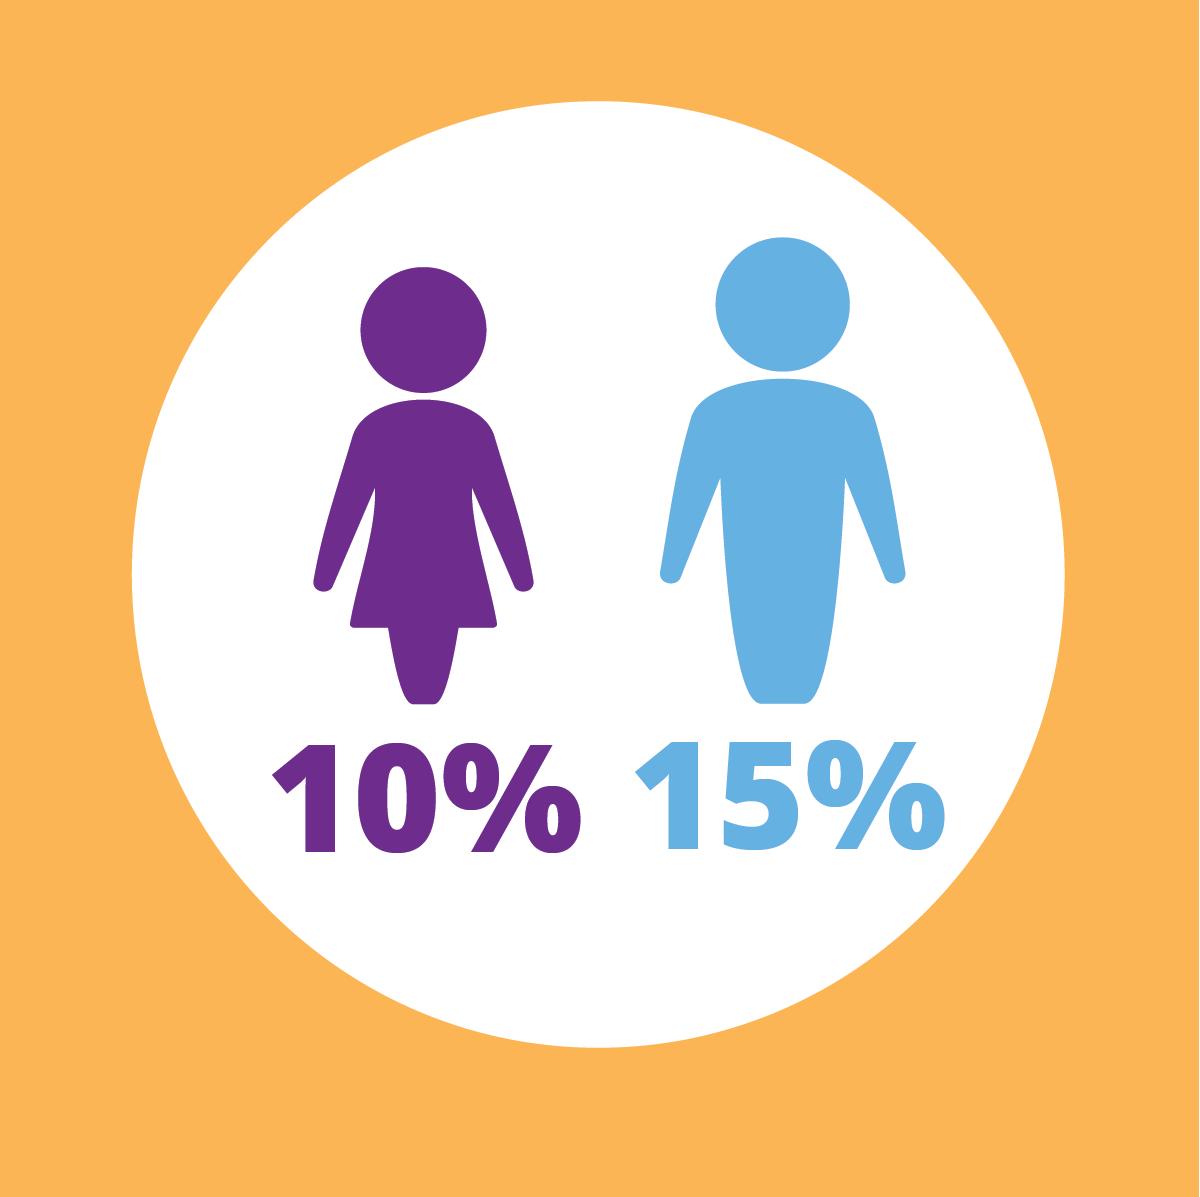 Women 10% - Men 15%